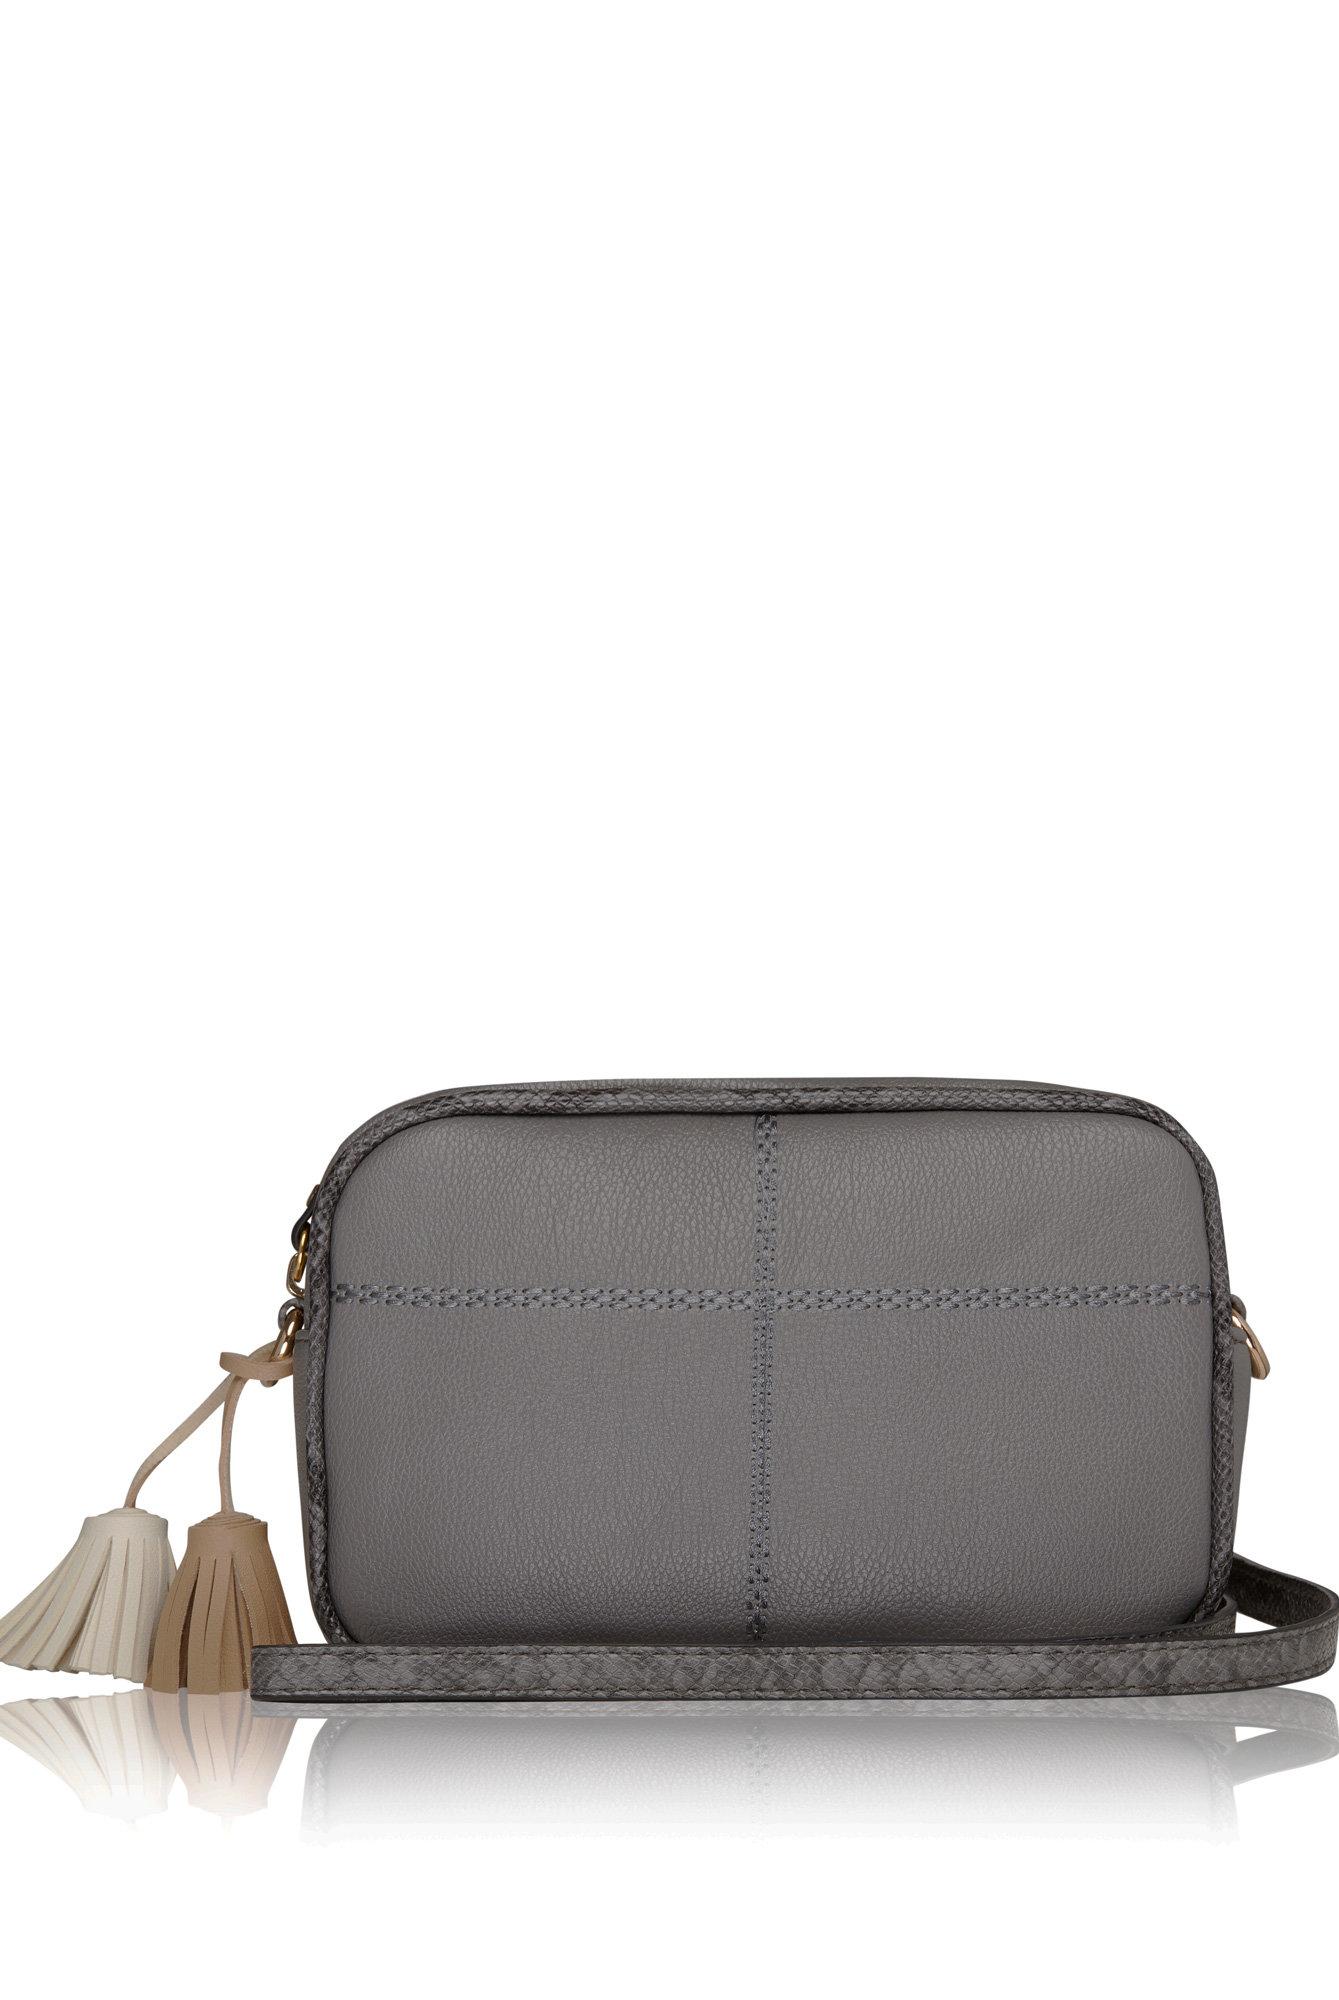 4b5ad9bd78aa Женские сумки оптом | Женская сумка через плечо модель: FLAME ...